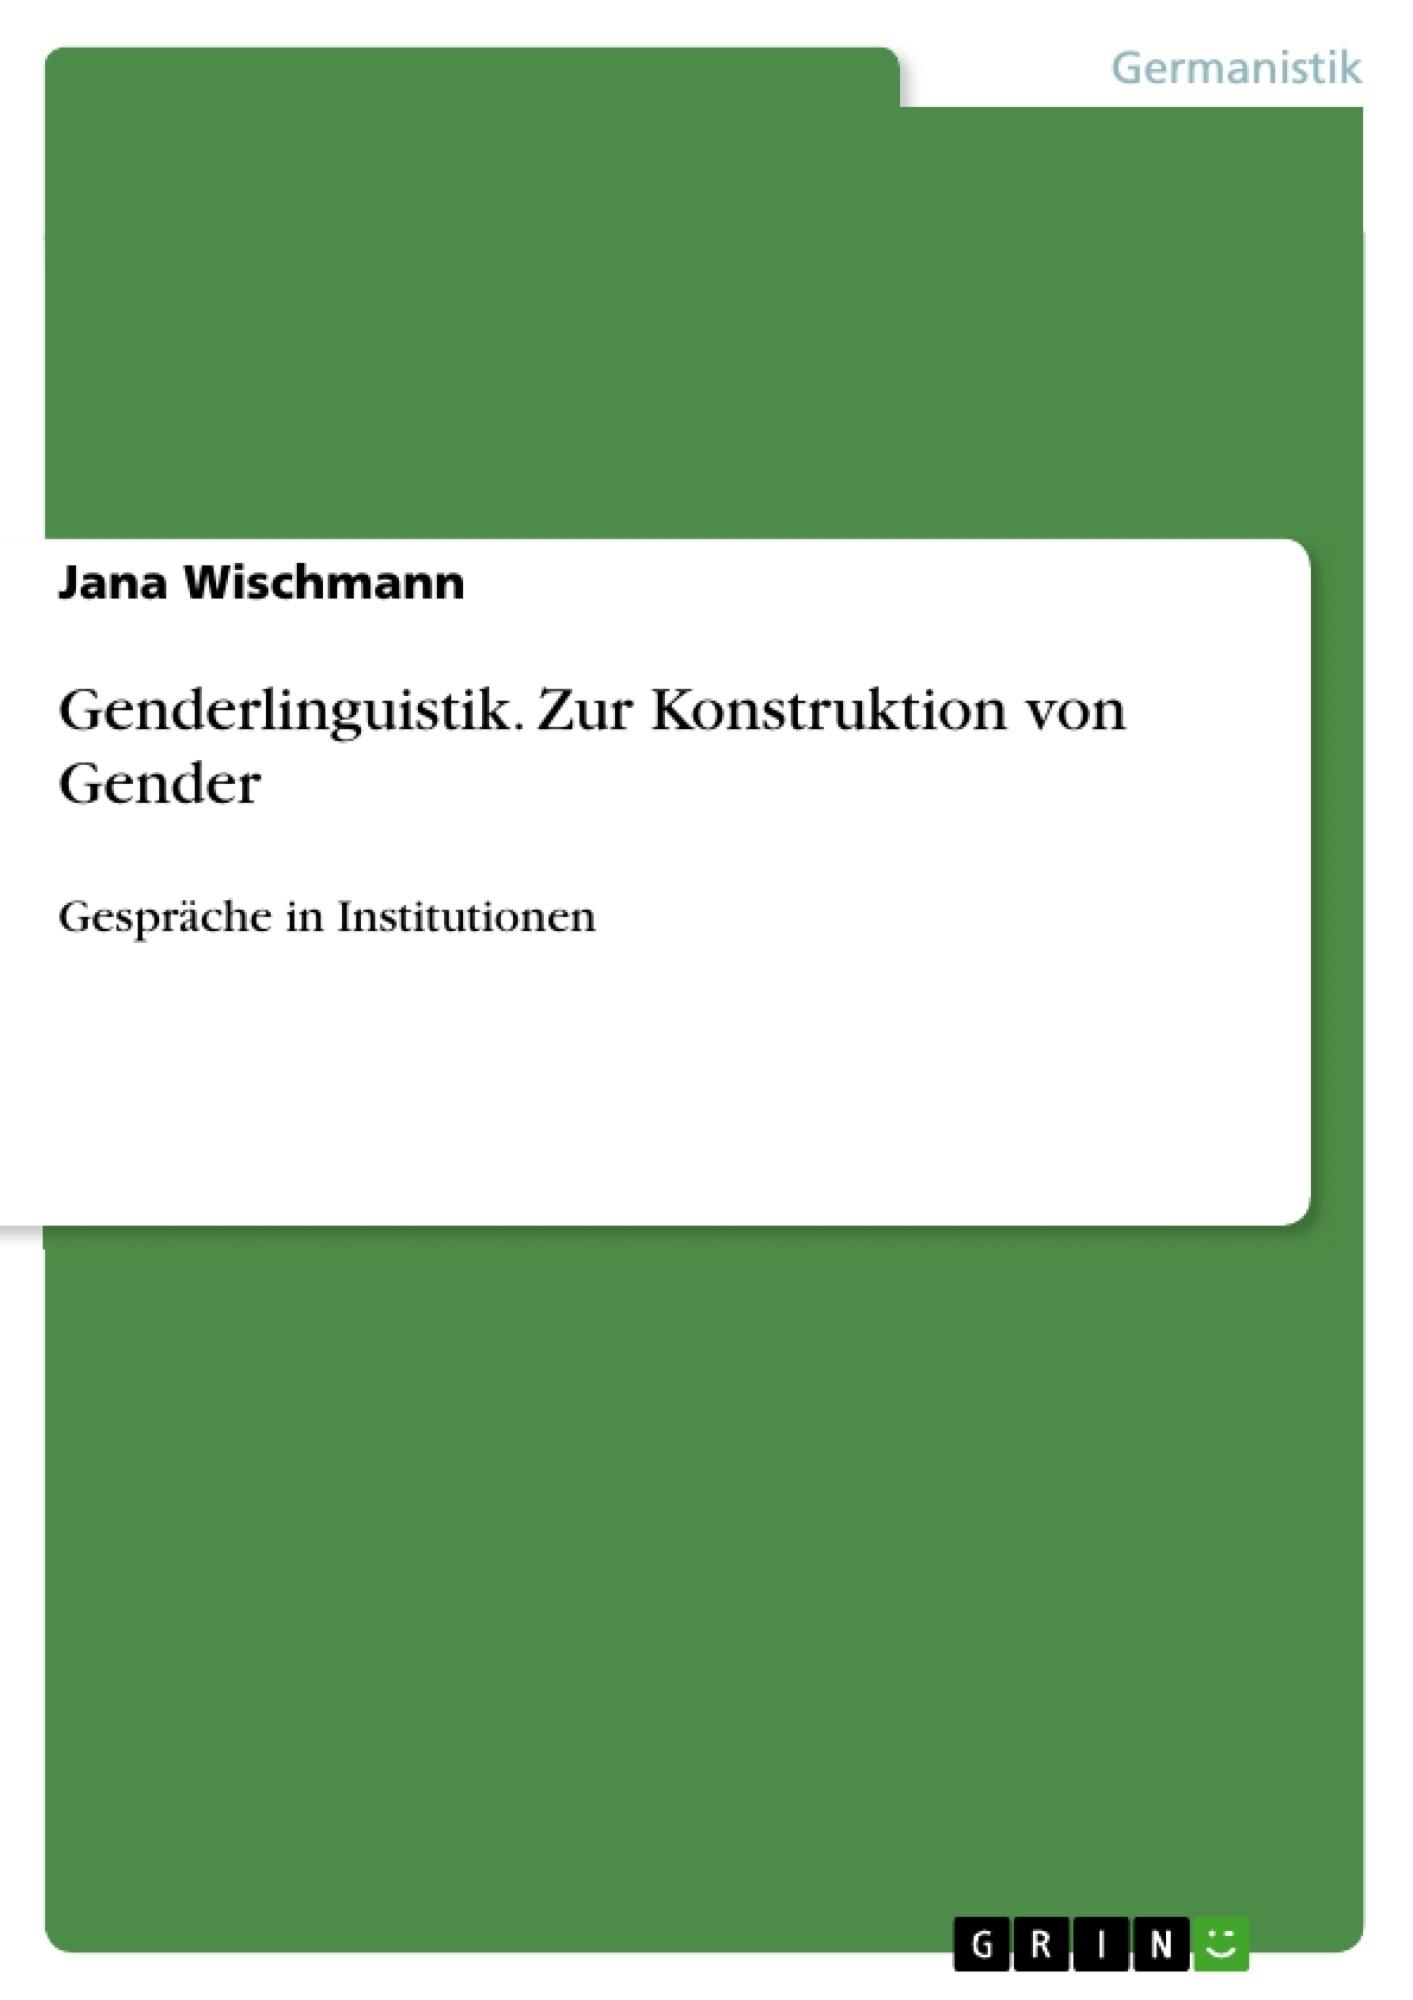 Titel: Genderlinguistik. Zur Konstruktion von Gender